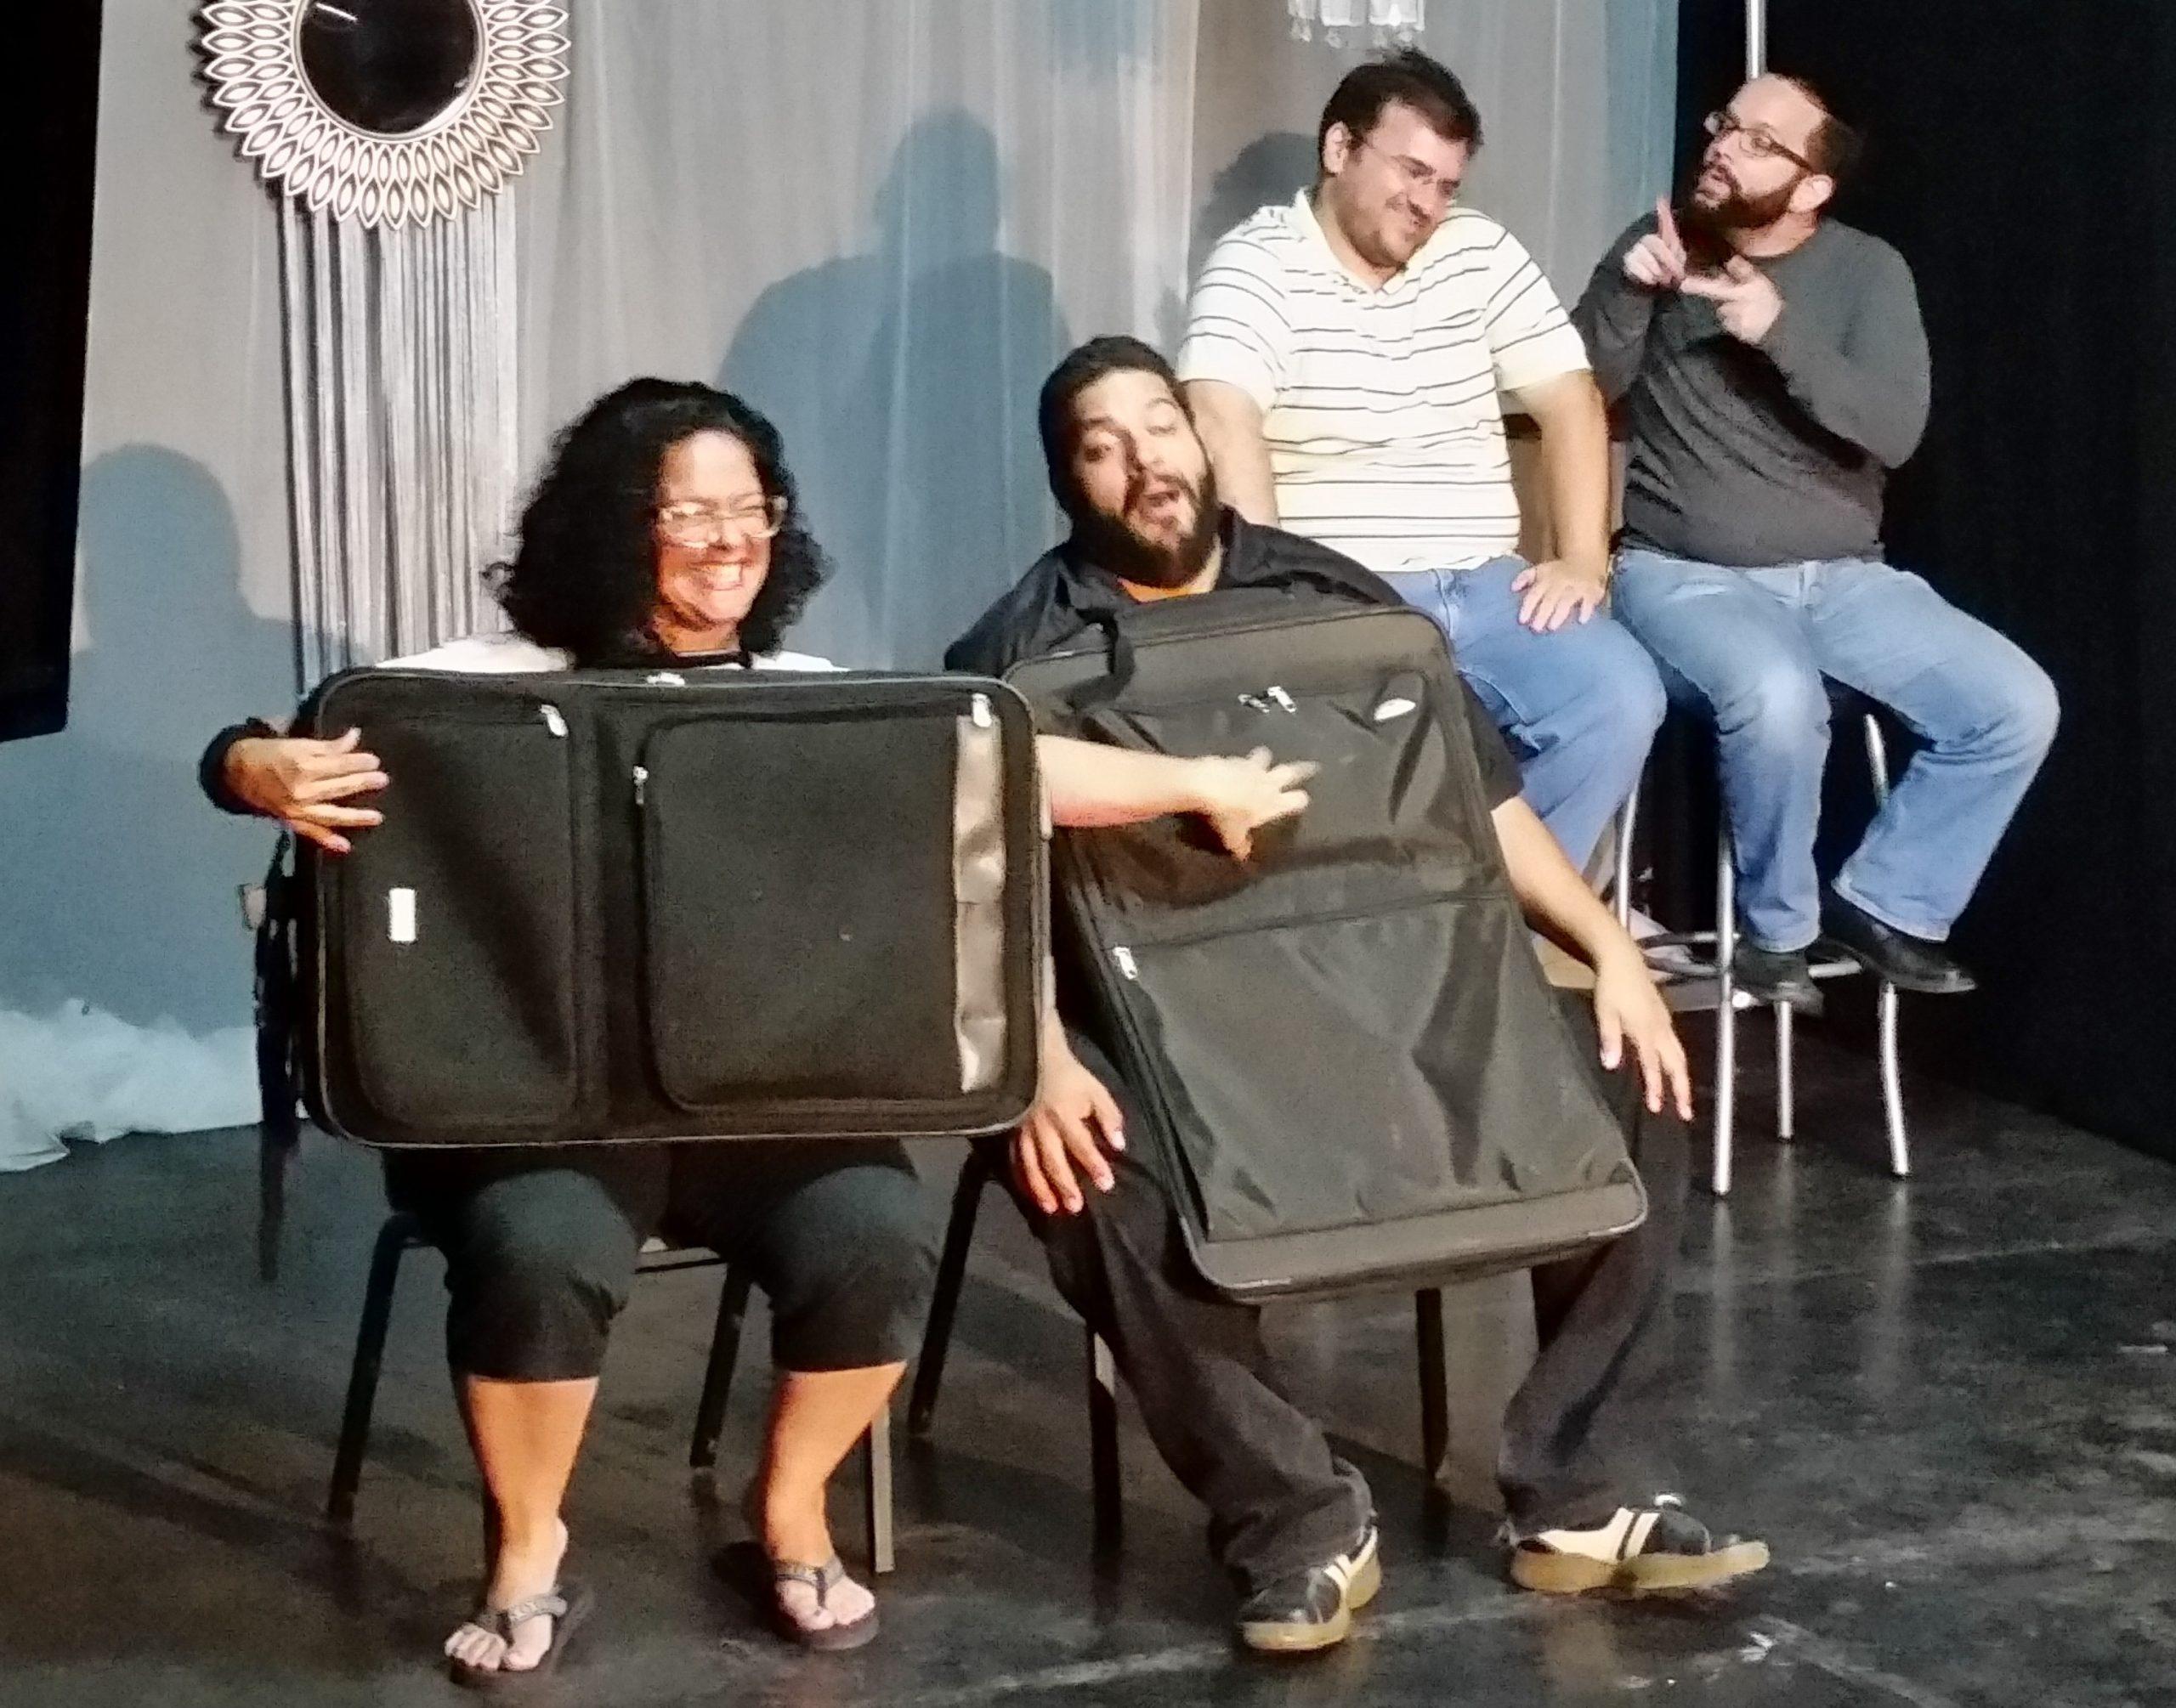 Thaimy Reyes, Reinaldo, Carlos Mera y Jorge Santiago, en el ensayo pre-general de 'El viajecito', (Foto suministrada)